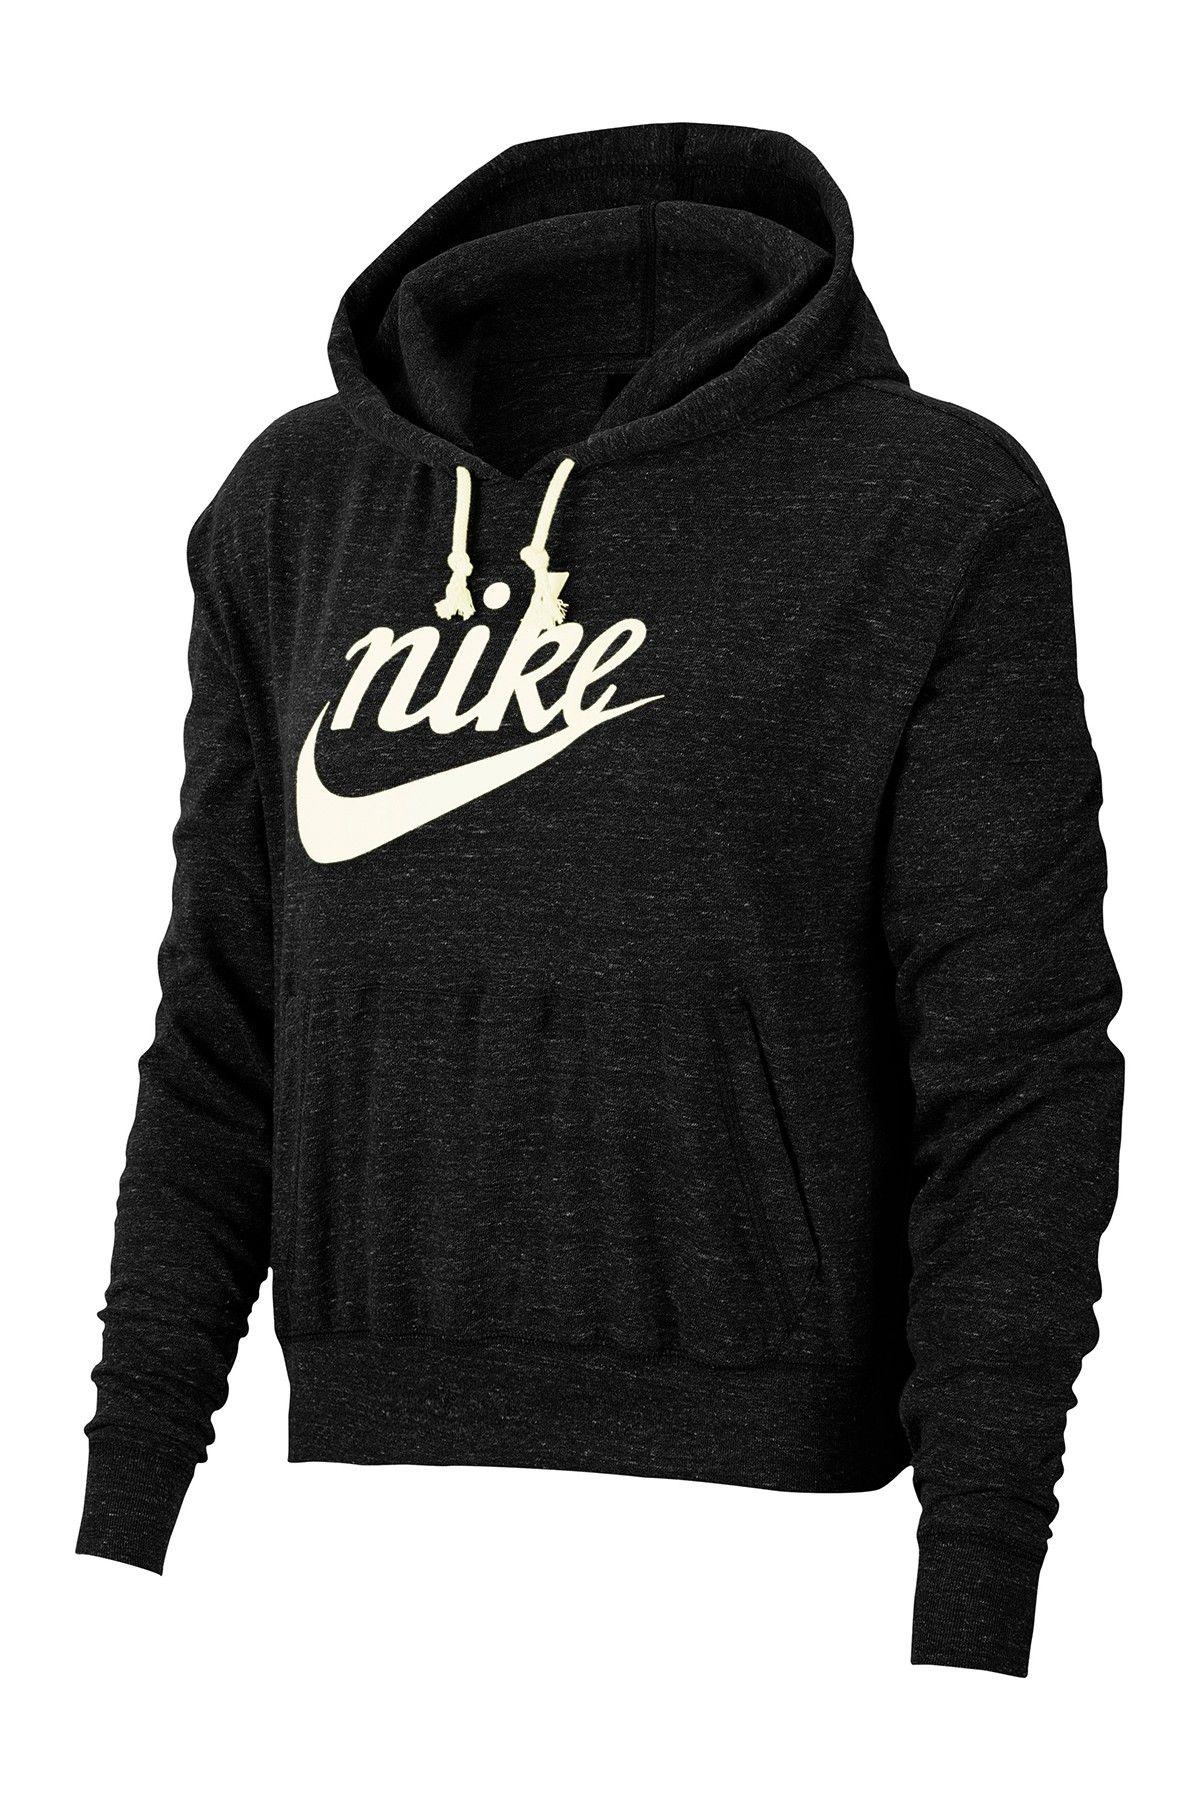 Nike Gym Vintage Pullover Hoodie Hautelook In 2020 Hoodies Vintage Pullovers Pullover Hoodie